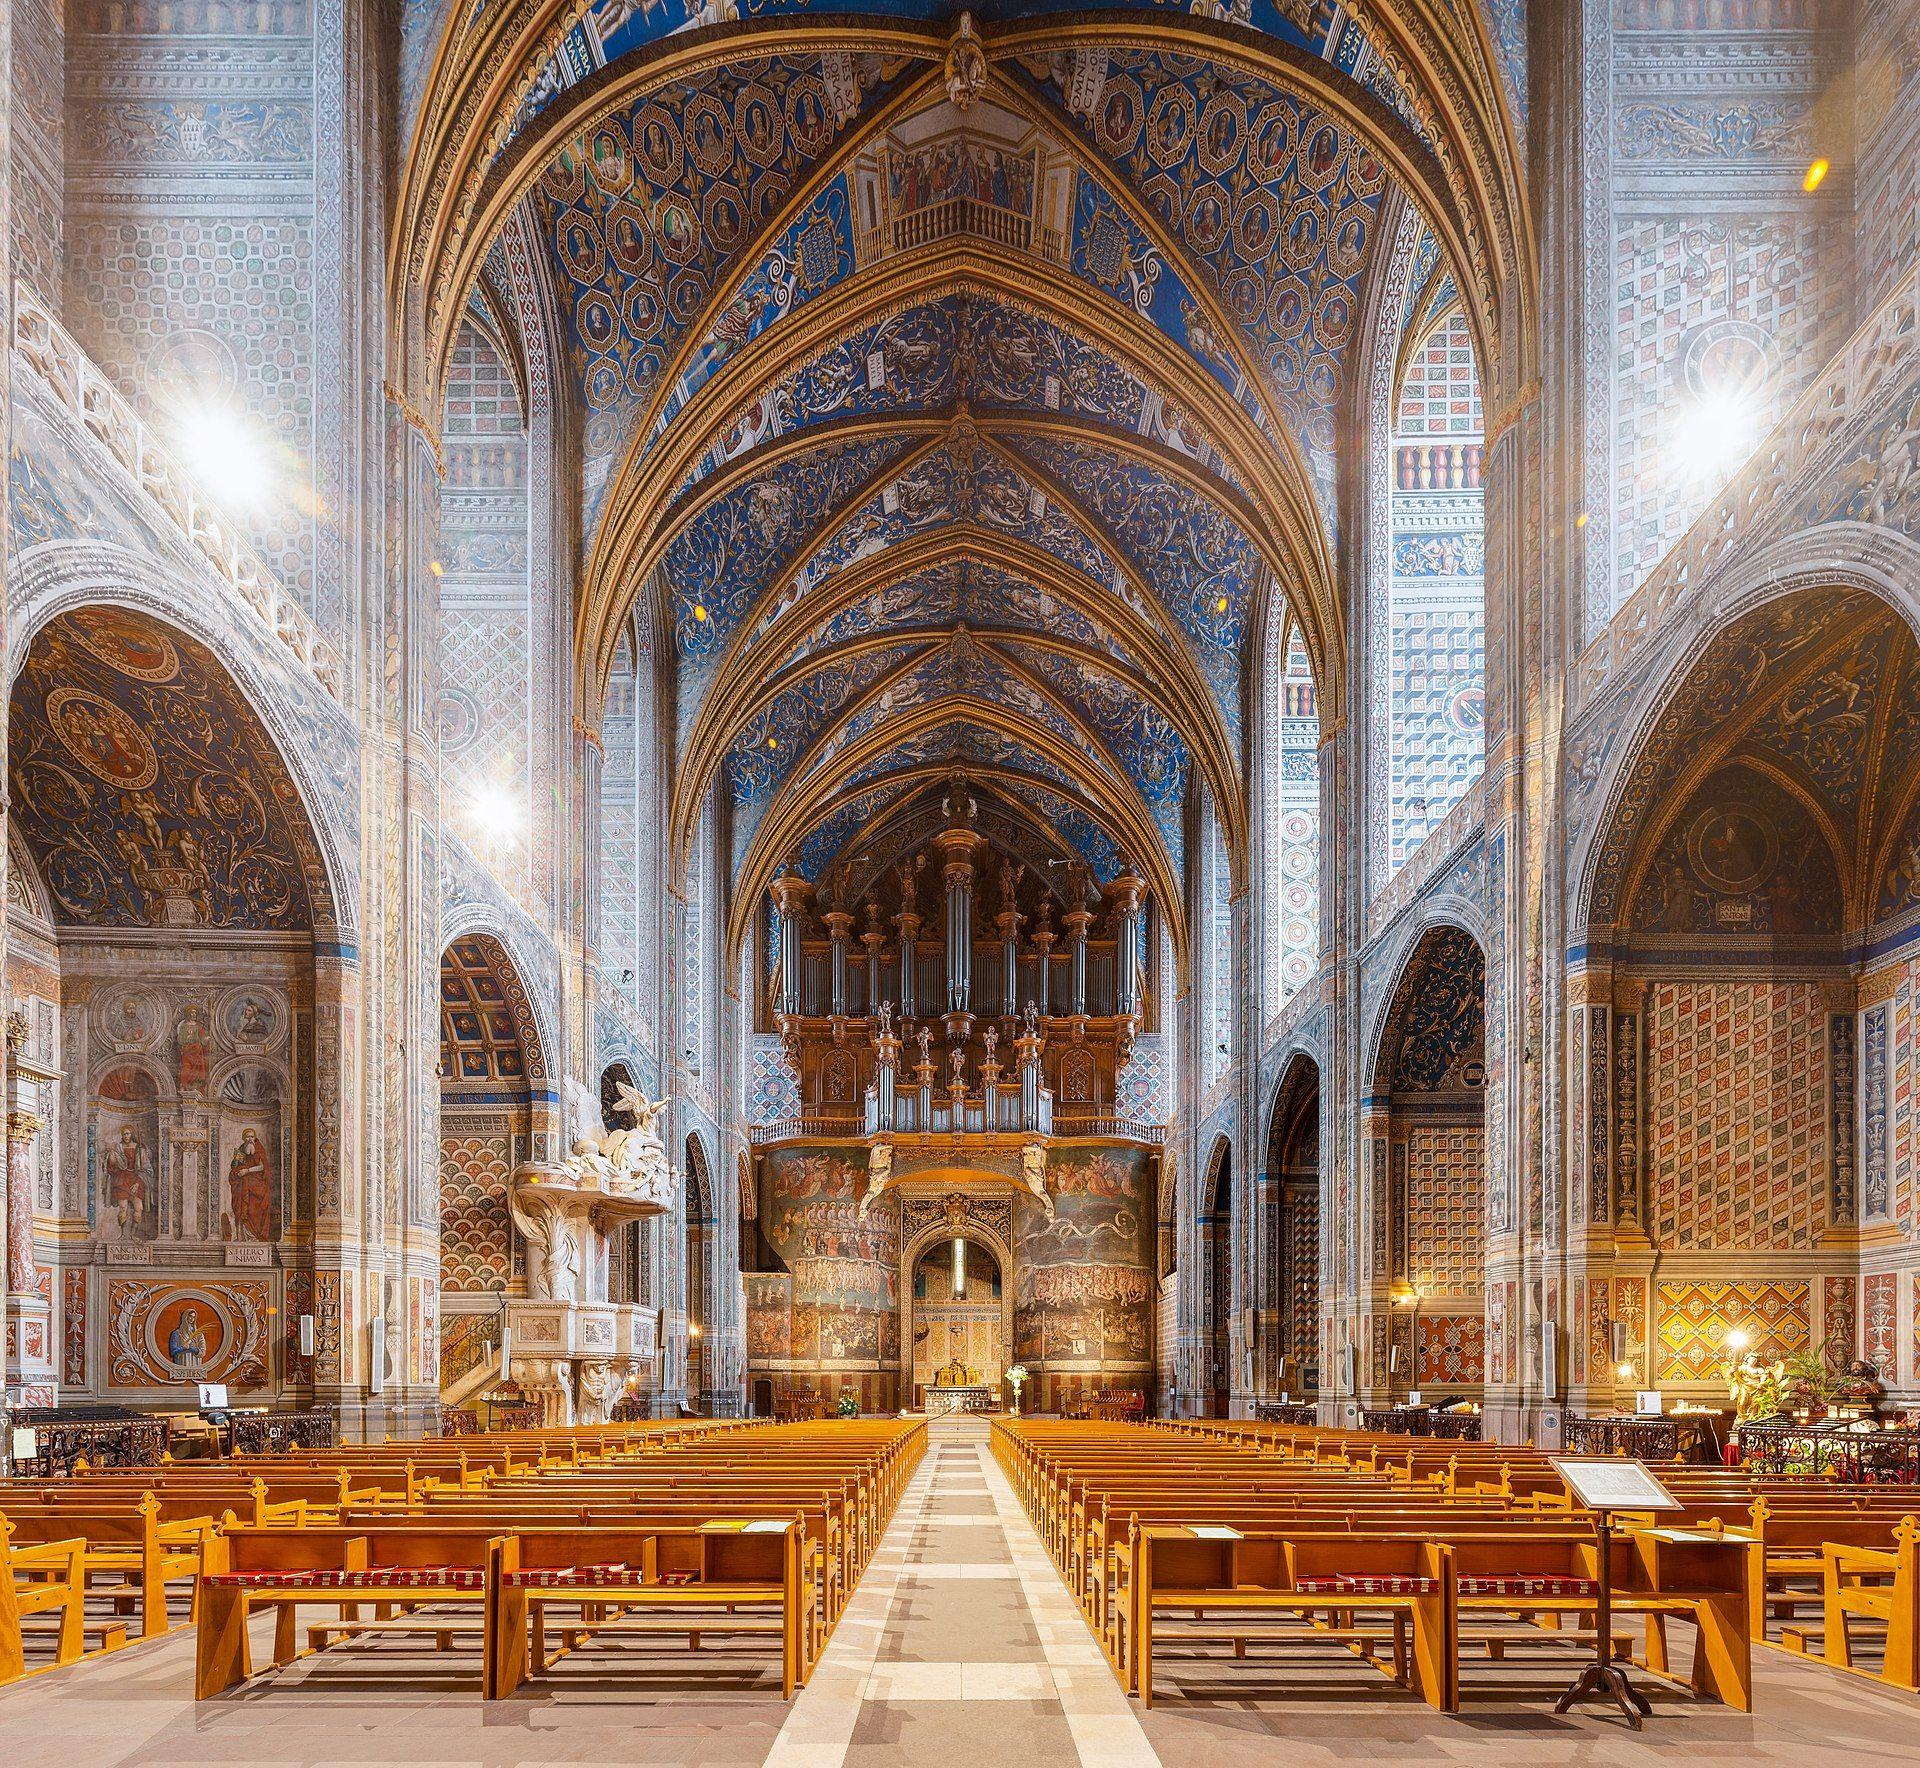 Interieur de SainteCécile kathedraal van Albi. Sainte